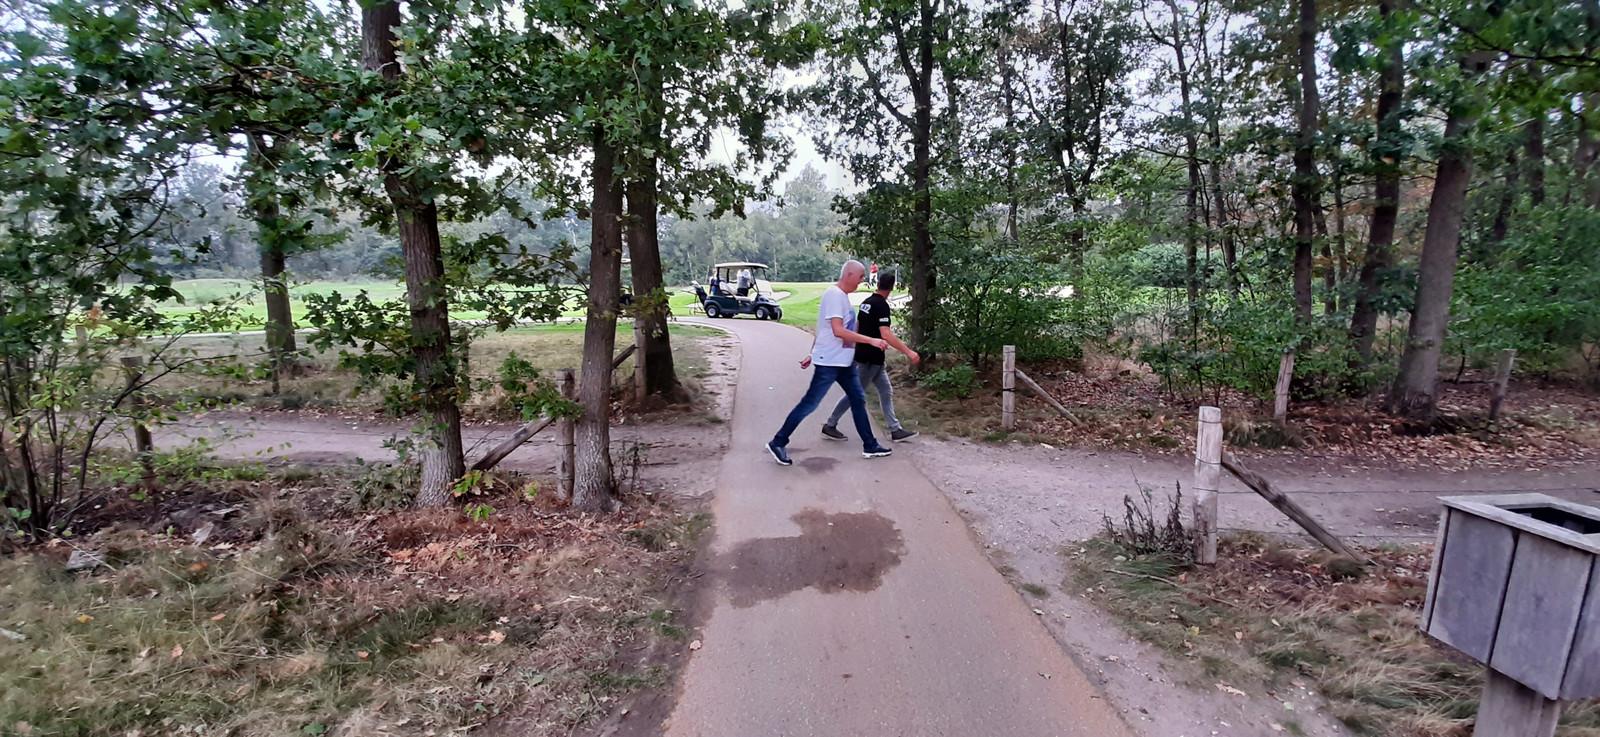 Wandelaars op het openbare pad kruisen op golfbaan The Duke de verharde verbinding tussen de holes 11 en 12.